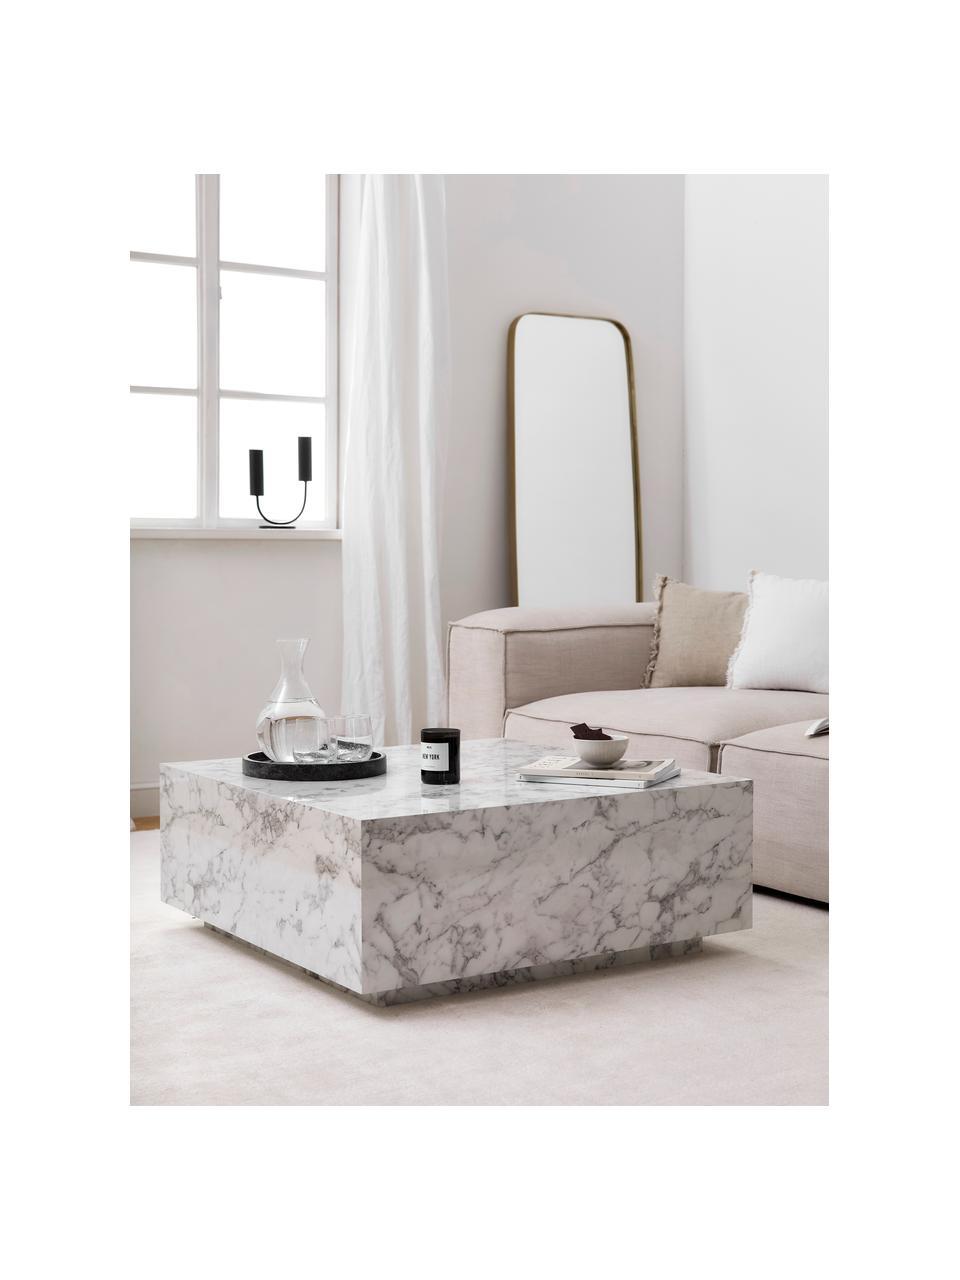 Tavolino da salotto vuoto effetto marmo Lesley, Pannello di fibra a media densità (MDF) rivestito con foglio di melamina, Bianco effetto marmorizzato, Larg. 90 x Alt. 35 cm